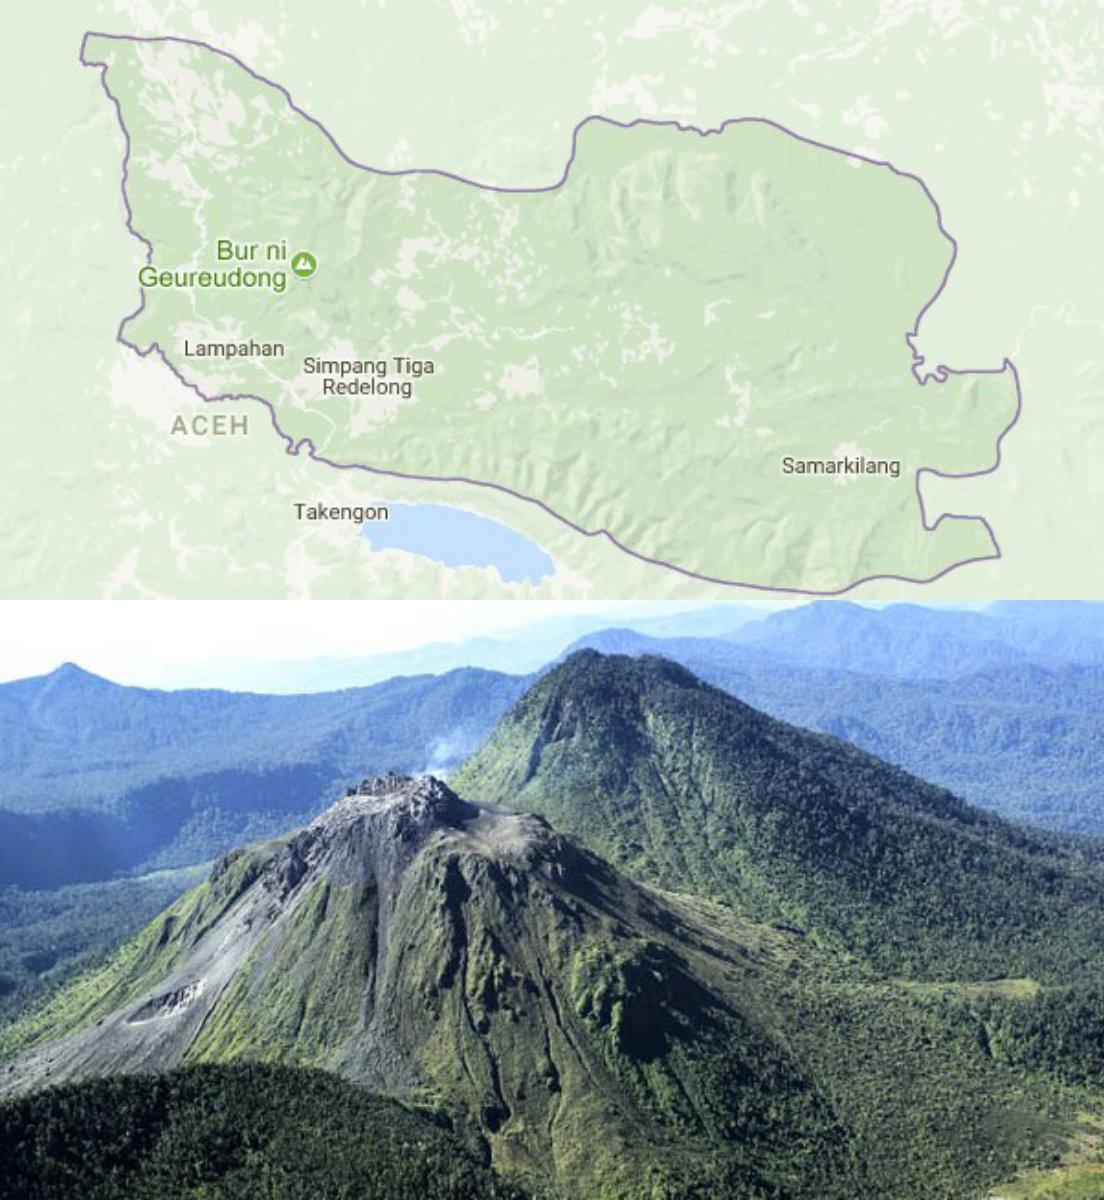 Apotik Yang Jual Jelly Gamat Di Kabupaten Bener Meriah Toko Qnc Melayani Konsumen Tinggal Pada Daftar Daerah Berikut Melingkupi Selurunya Termasuk